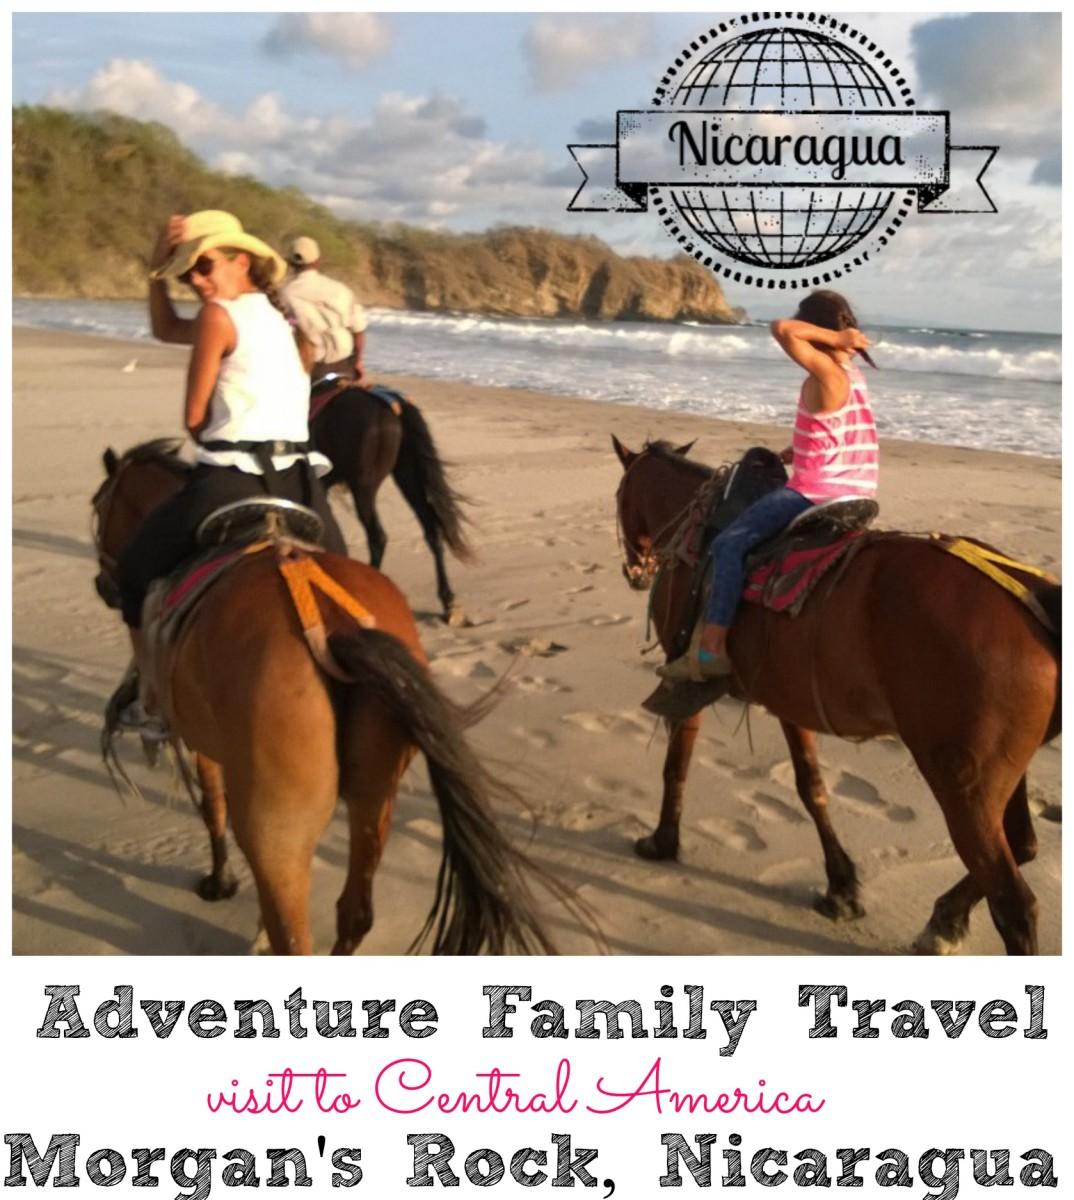 morgan's rock review, nicaragua,family travel nicaragua